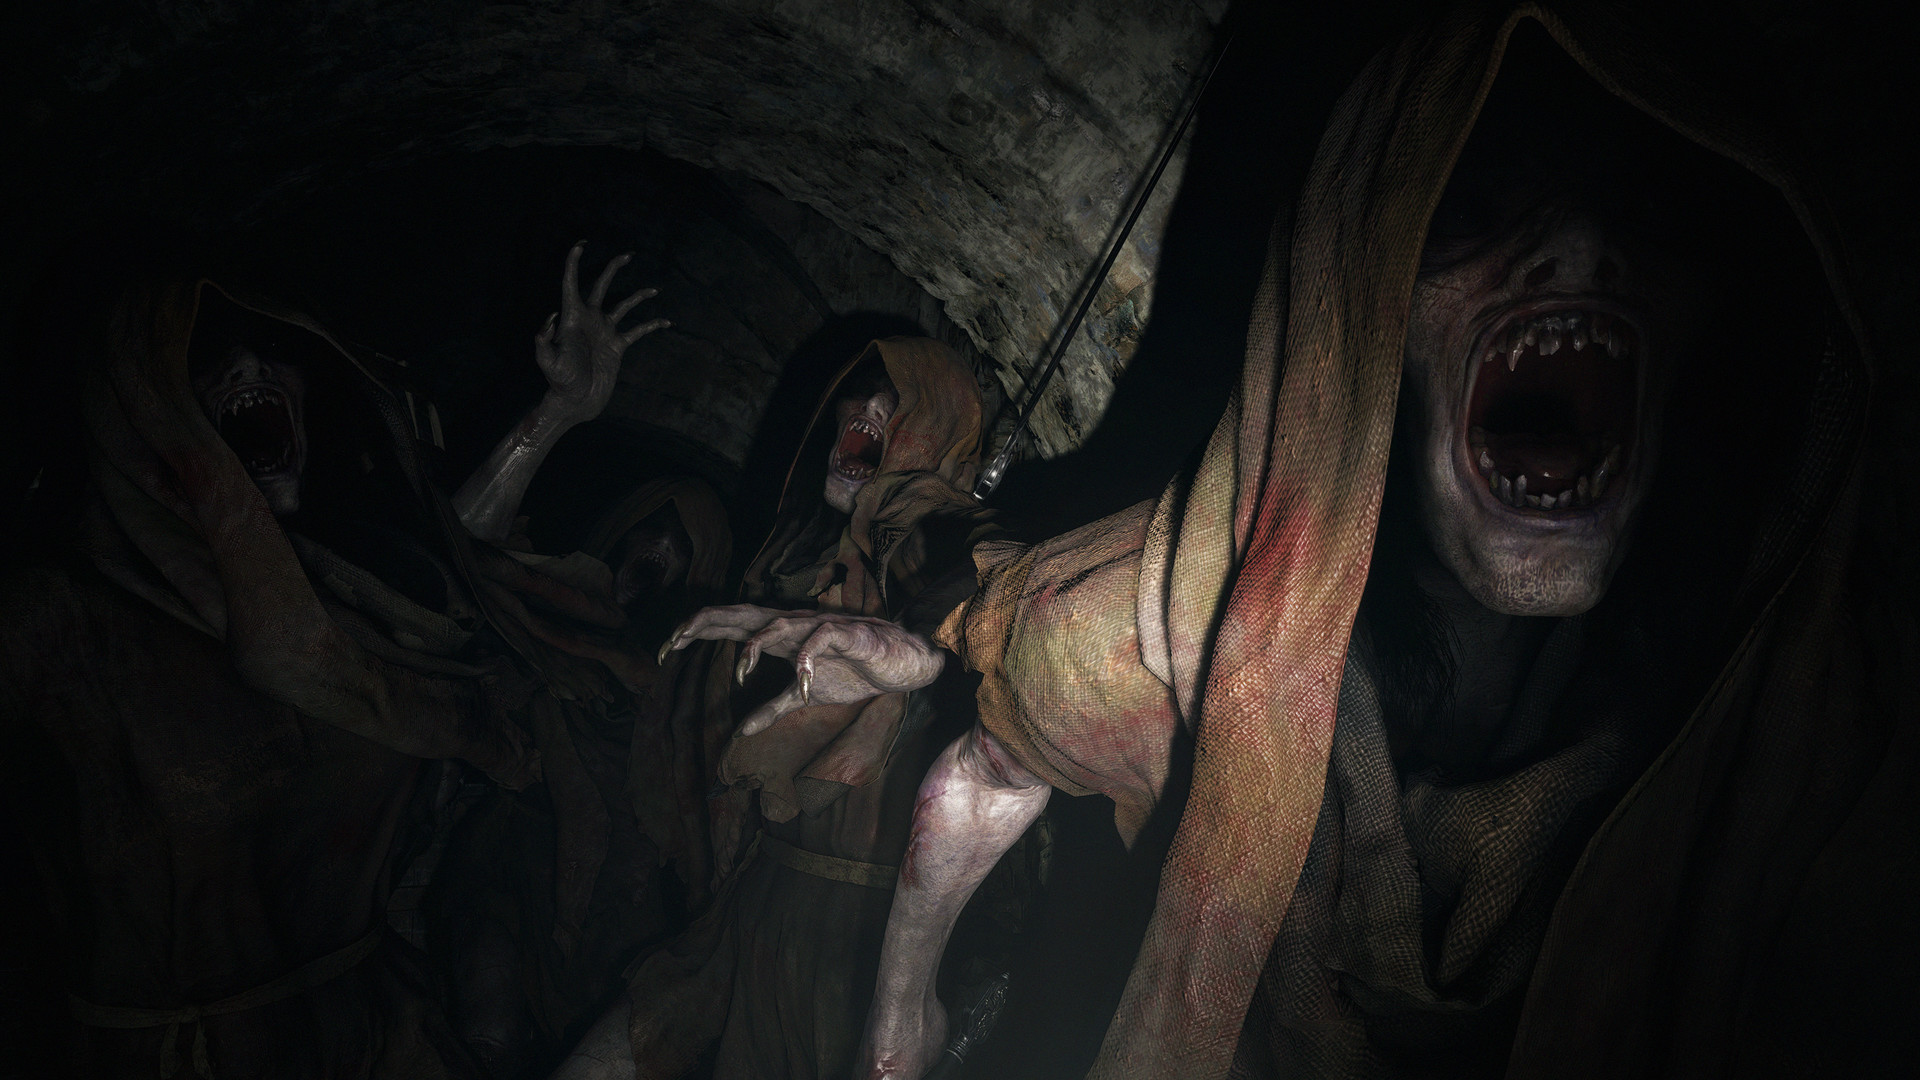 Bring Back VR for 'Resident Evil Village' You Cowards